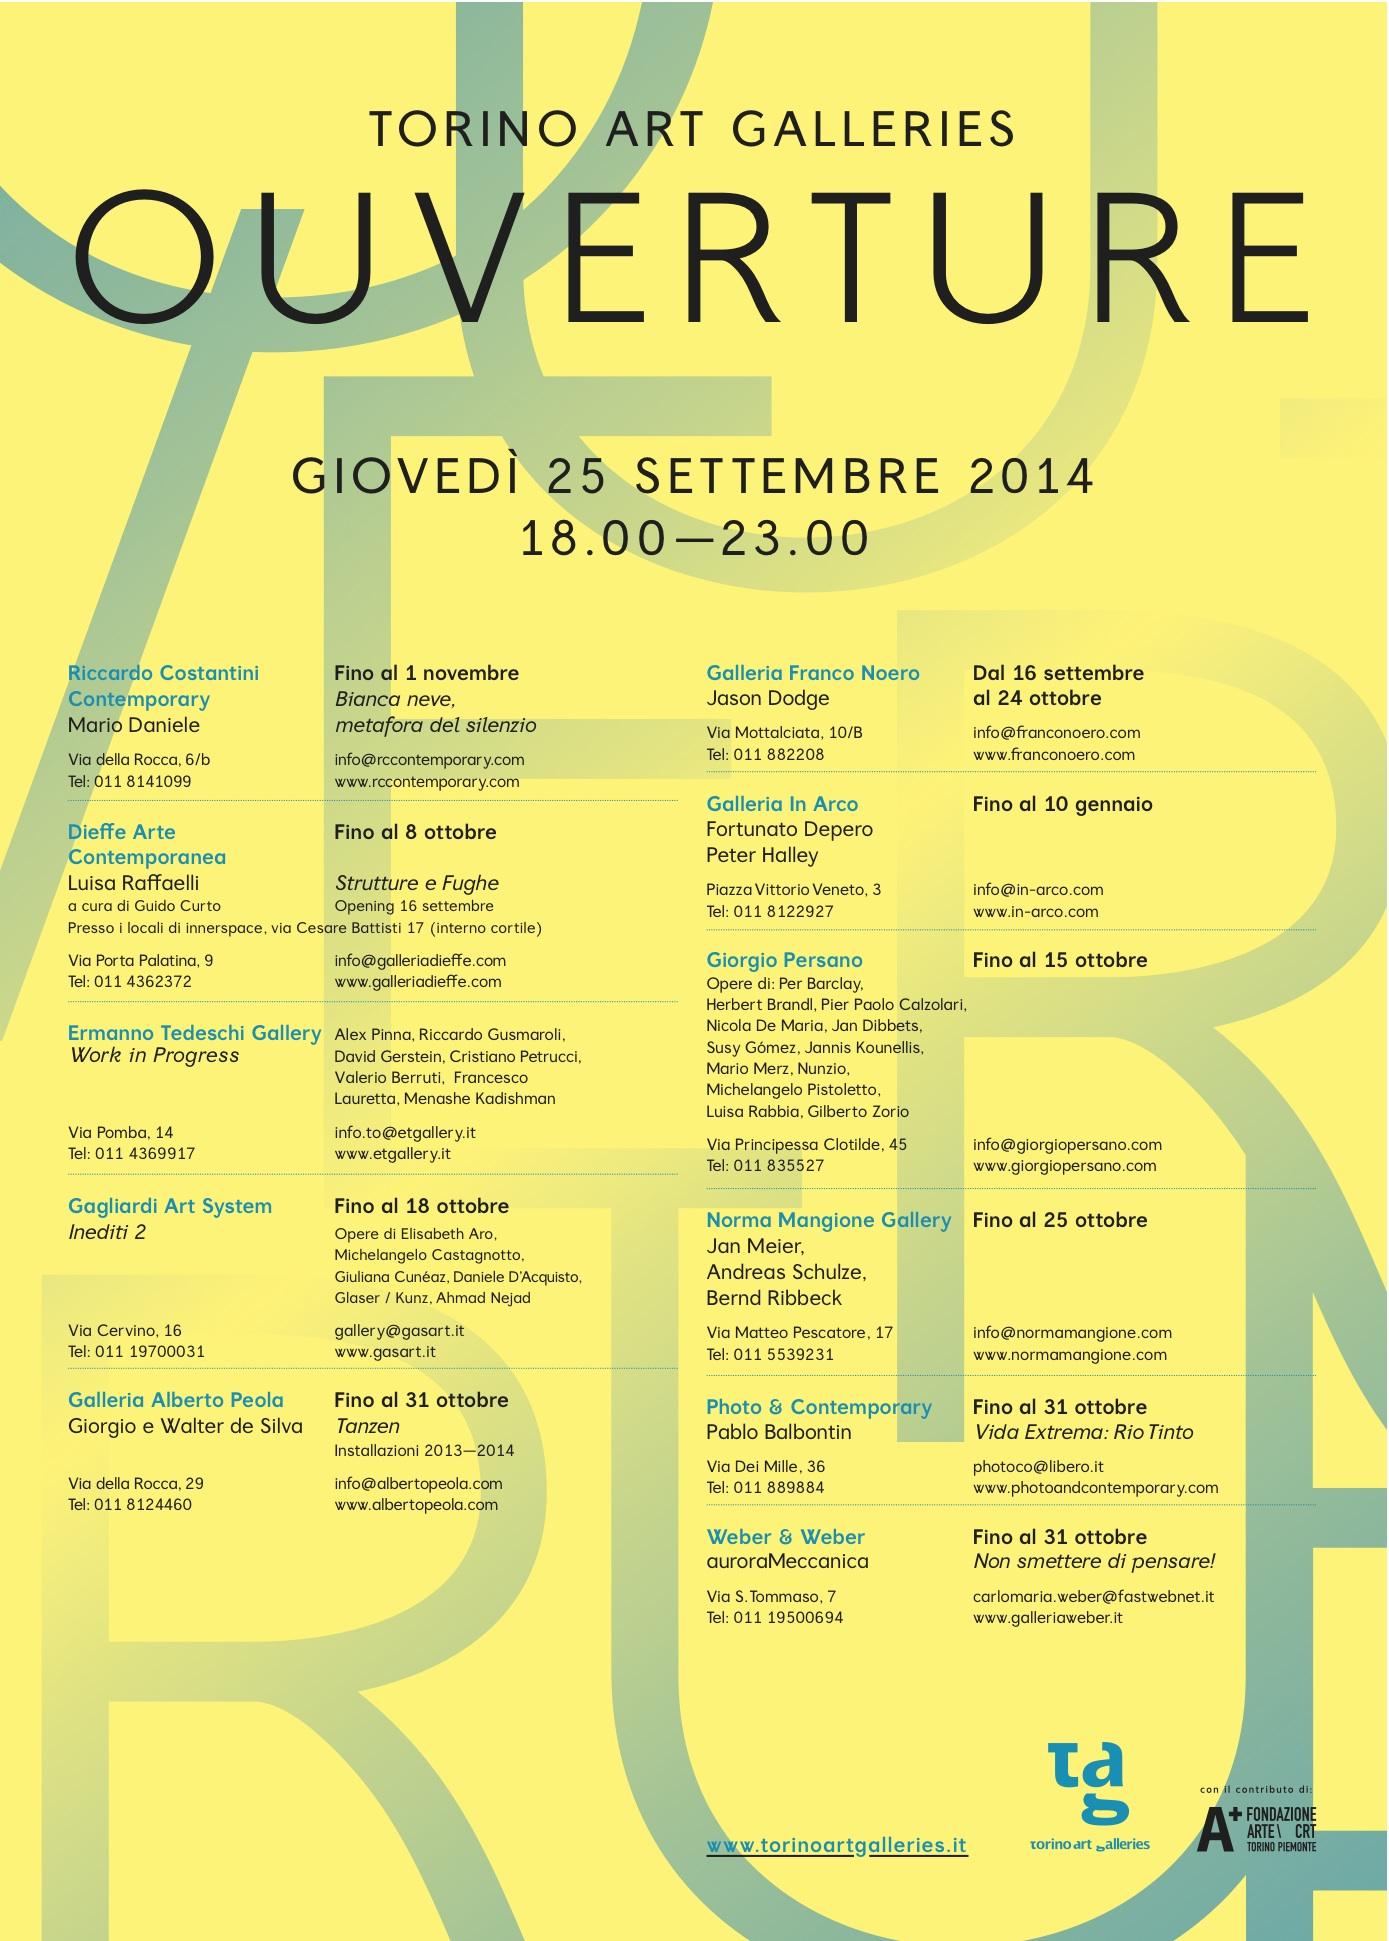 Ouverture 2014